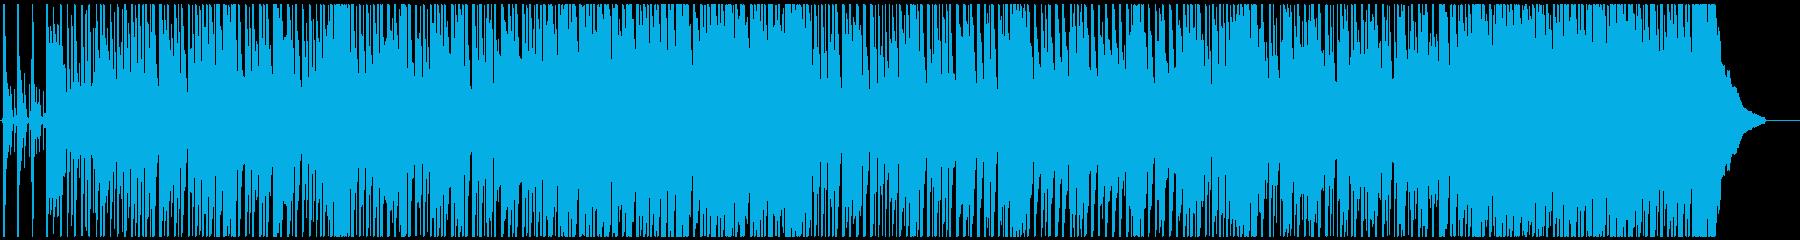 沖縄らしい三線ポップス(指笛なし)の再生済みの波形